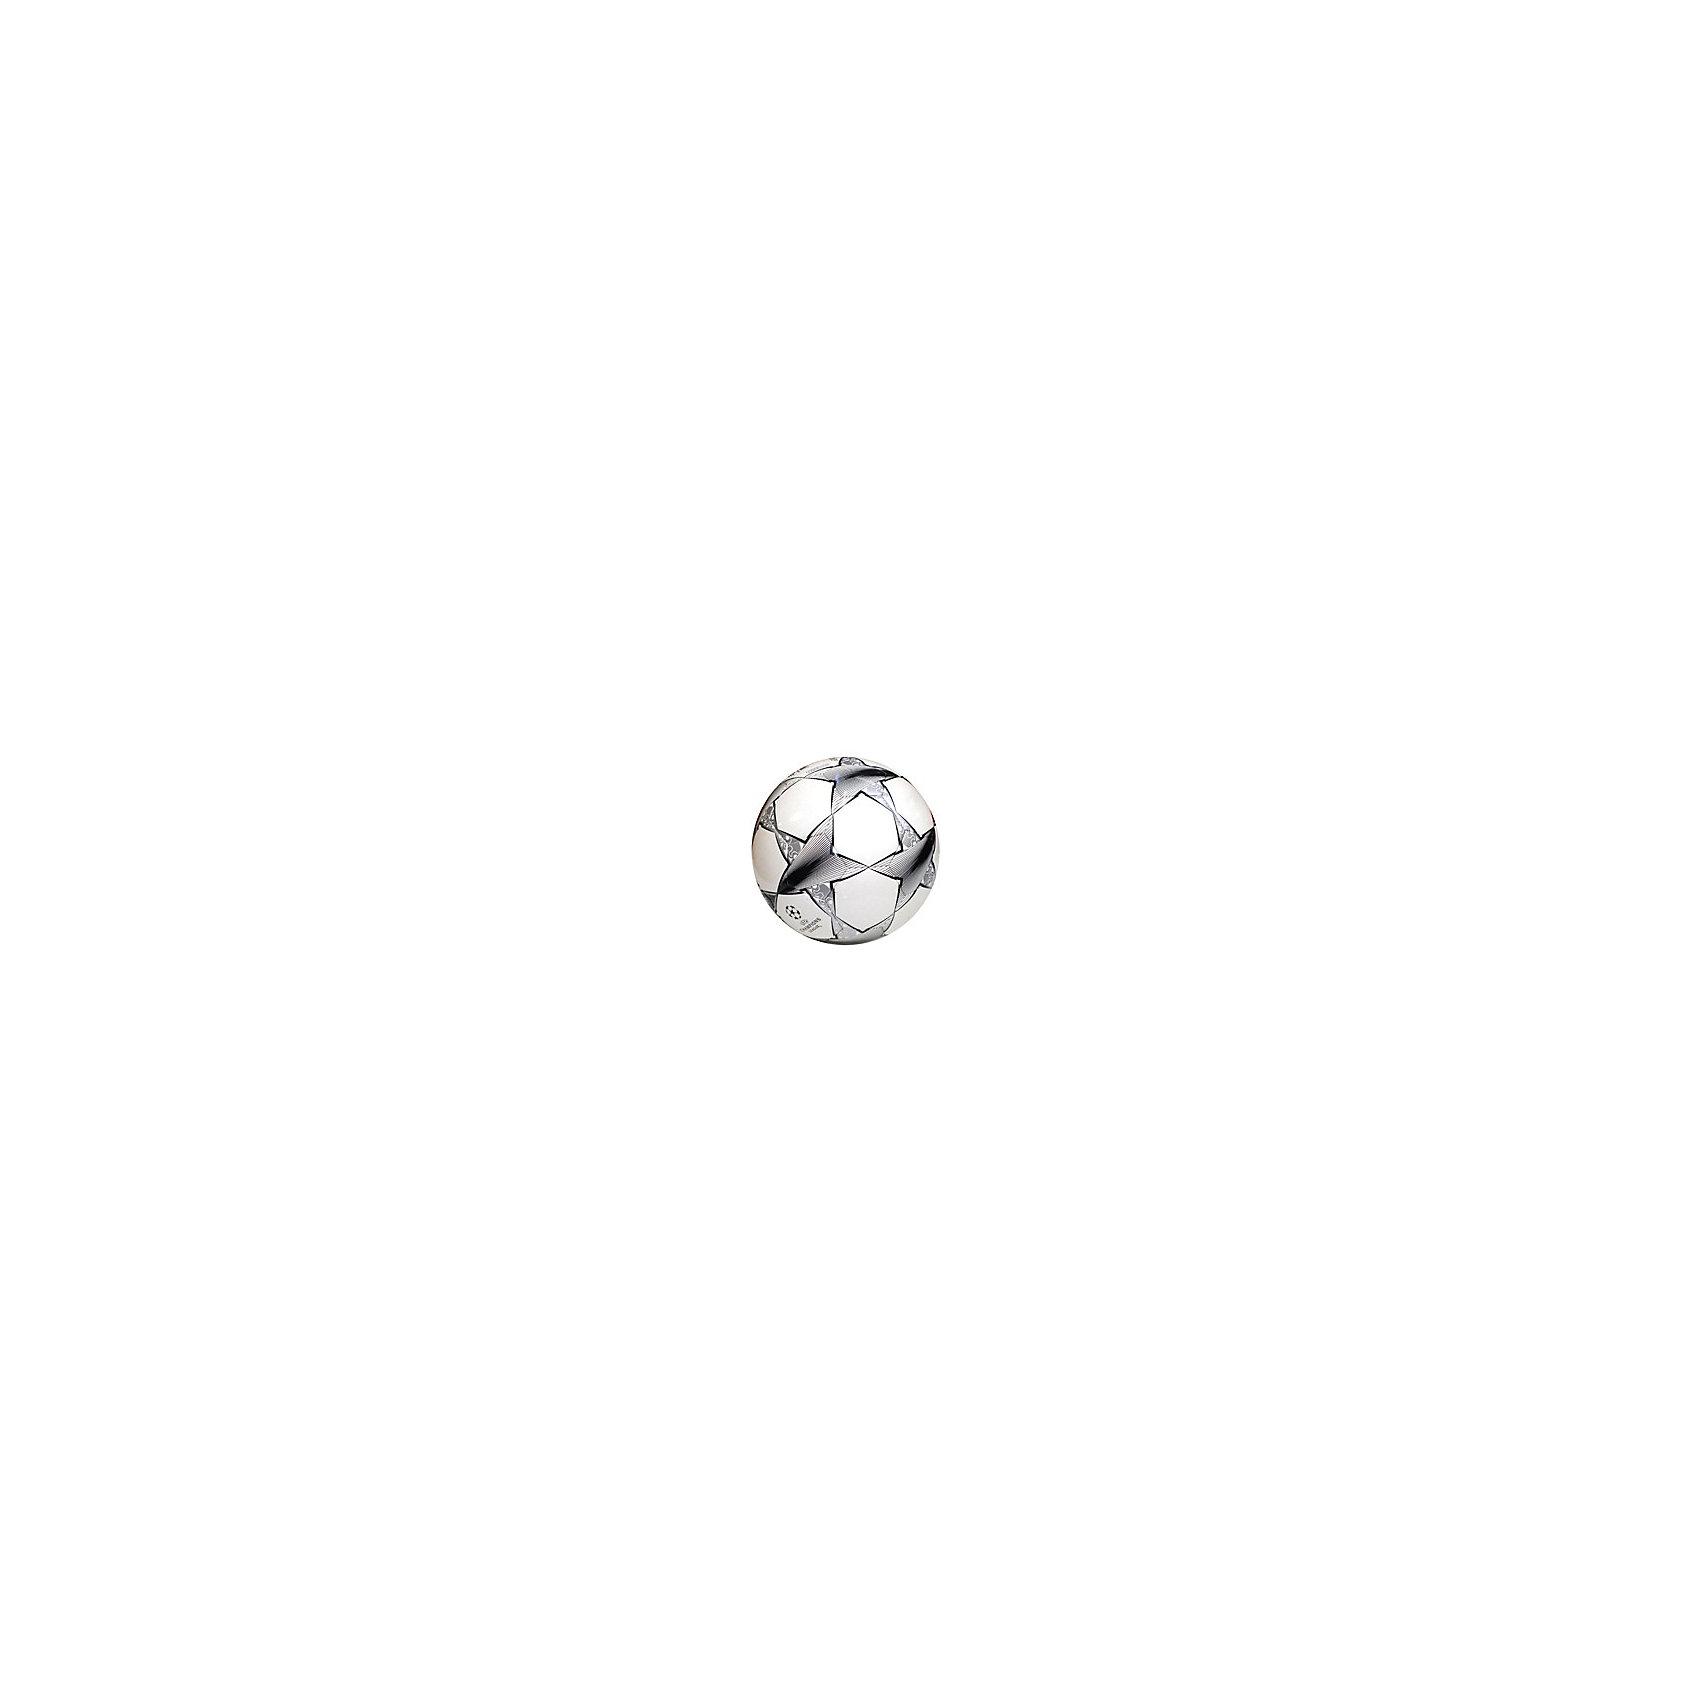 Футбольный мяч Звездный, InSummerФутбольный мяч Звездный, InSummer<br><br>Характеристики:<br>- Состав: поливинилхлорид  <br>- Размер: 27 см.<br>- Продается в сдутом виде<br><br>Футбольный мяч Звездный от производителя товаров для для детей InSummer (Инсаммер) станет неотъемлемой частью игр на свежем воздухе и в спортивном зале. Легкий надувной мяч безопасен для детей и даже играя в «вышибалы» не нанесет повреждений. Интересный дизайн со звездами придет по вкусу вашему футболисту. С этим мячом можно играть в футбол а можно придумать множество своих игр. Мяч не позволит детям сидеть на месте и поможет развить координацию движений, реакцию и подарит множество детских воспоминаний.<br><br>Футбольный мяч Звездный, InSummer (Инсаммер)  можно купить в нашем интернет-магазине.<br>Подробнее:<br>• Для детей в возрасте: от 3 до 10 лет <br>• Номер товара: 4624471<br>Страна производитель: Китай<br><br>Ширина мм: 250<br>Глубина мм: 120<br>Высота мм: 100<br>Вес г: 67<br>Возраст от месяцев: 36<br>Возраст до месяцев: 120<br>Пол: Унисекс<br>Возраст: Детский<br>SKU: 4624471